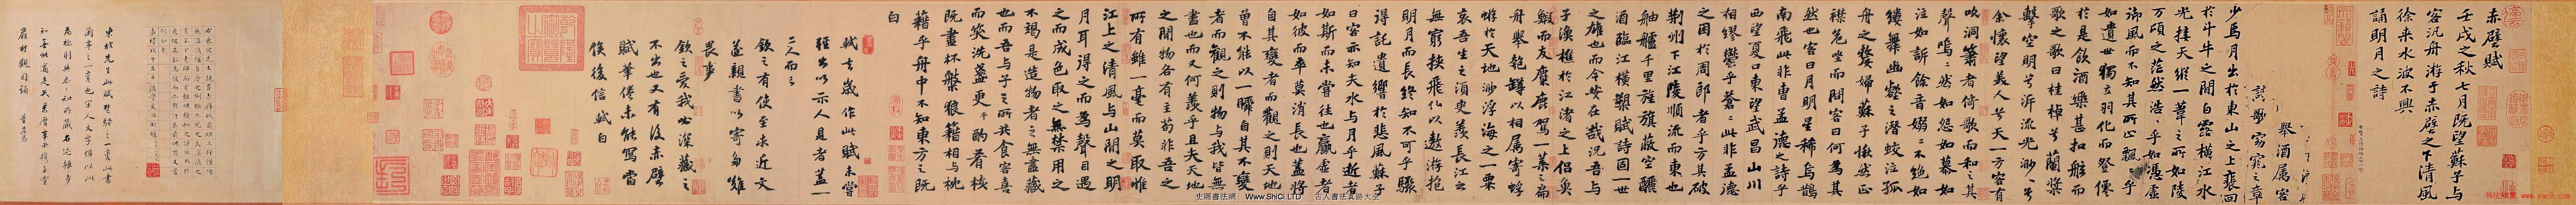 蘇軾書法長卷真跡欣賞《前赤壁賦》(共20張圖片)